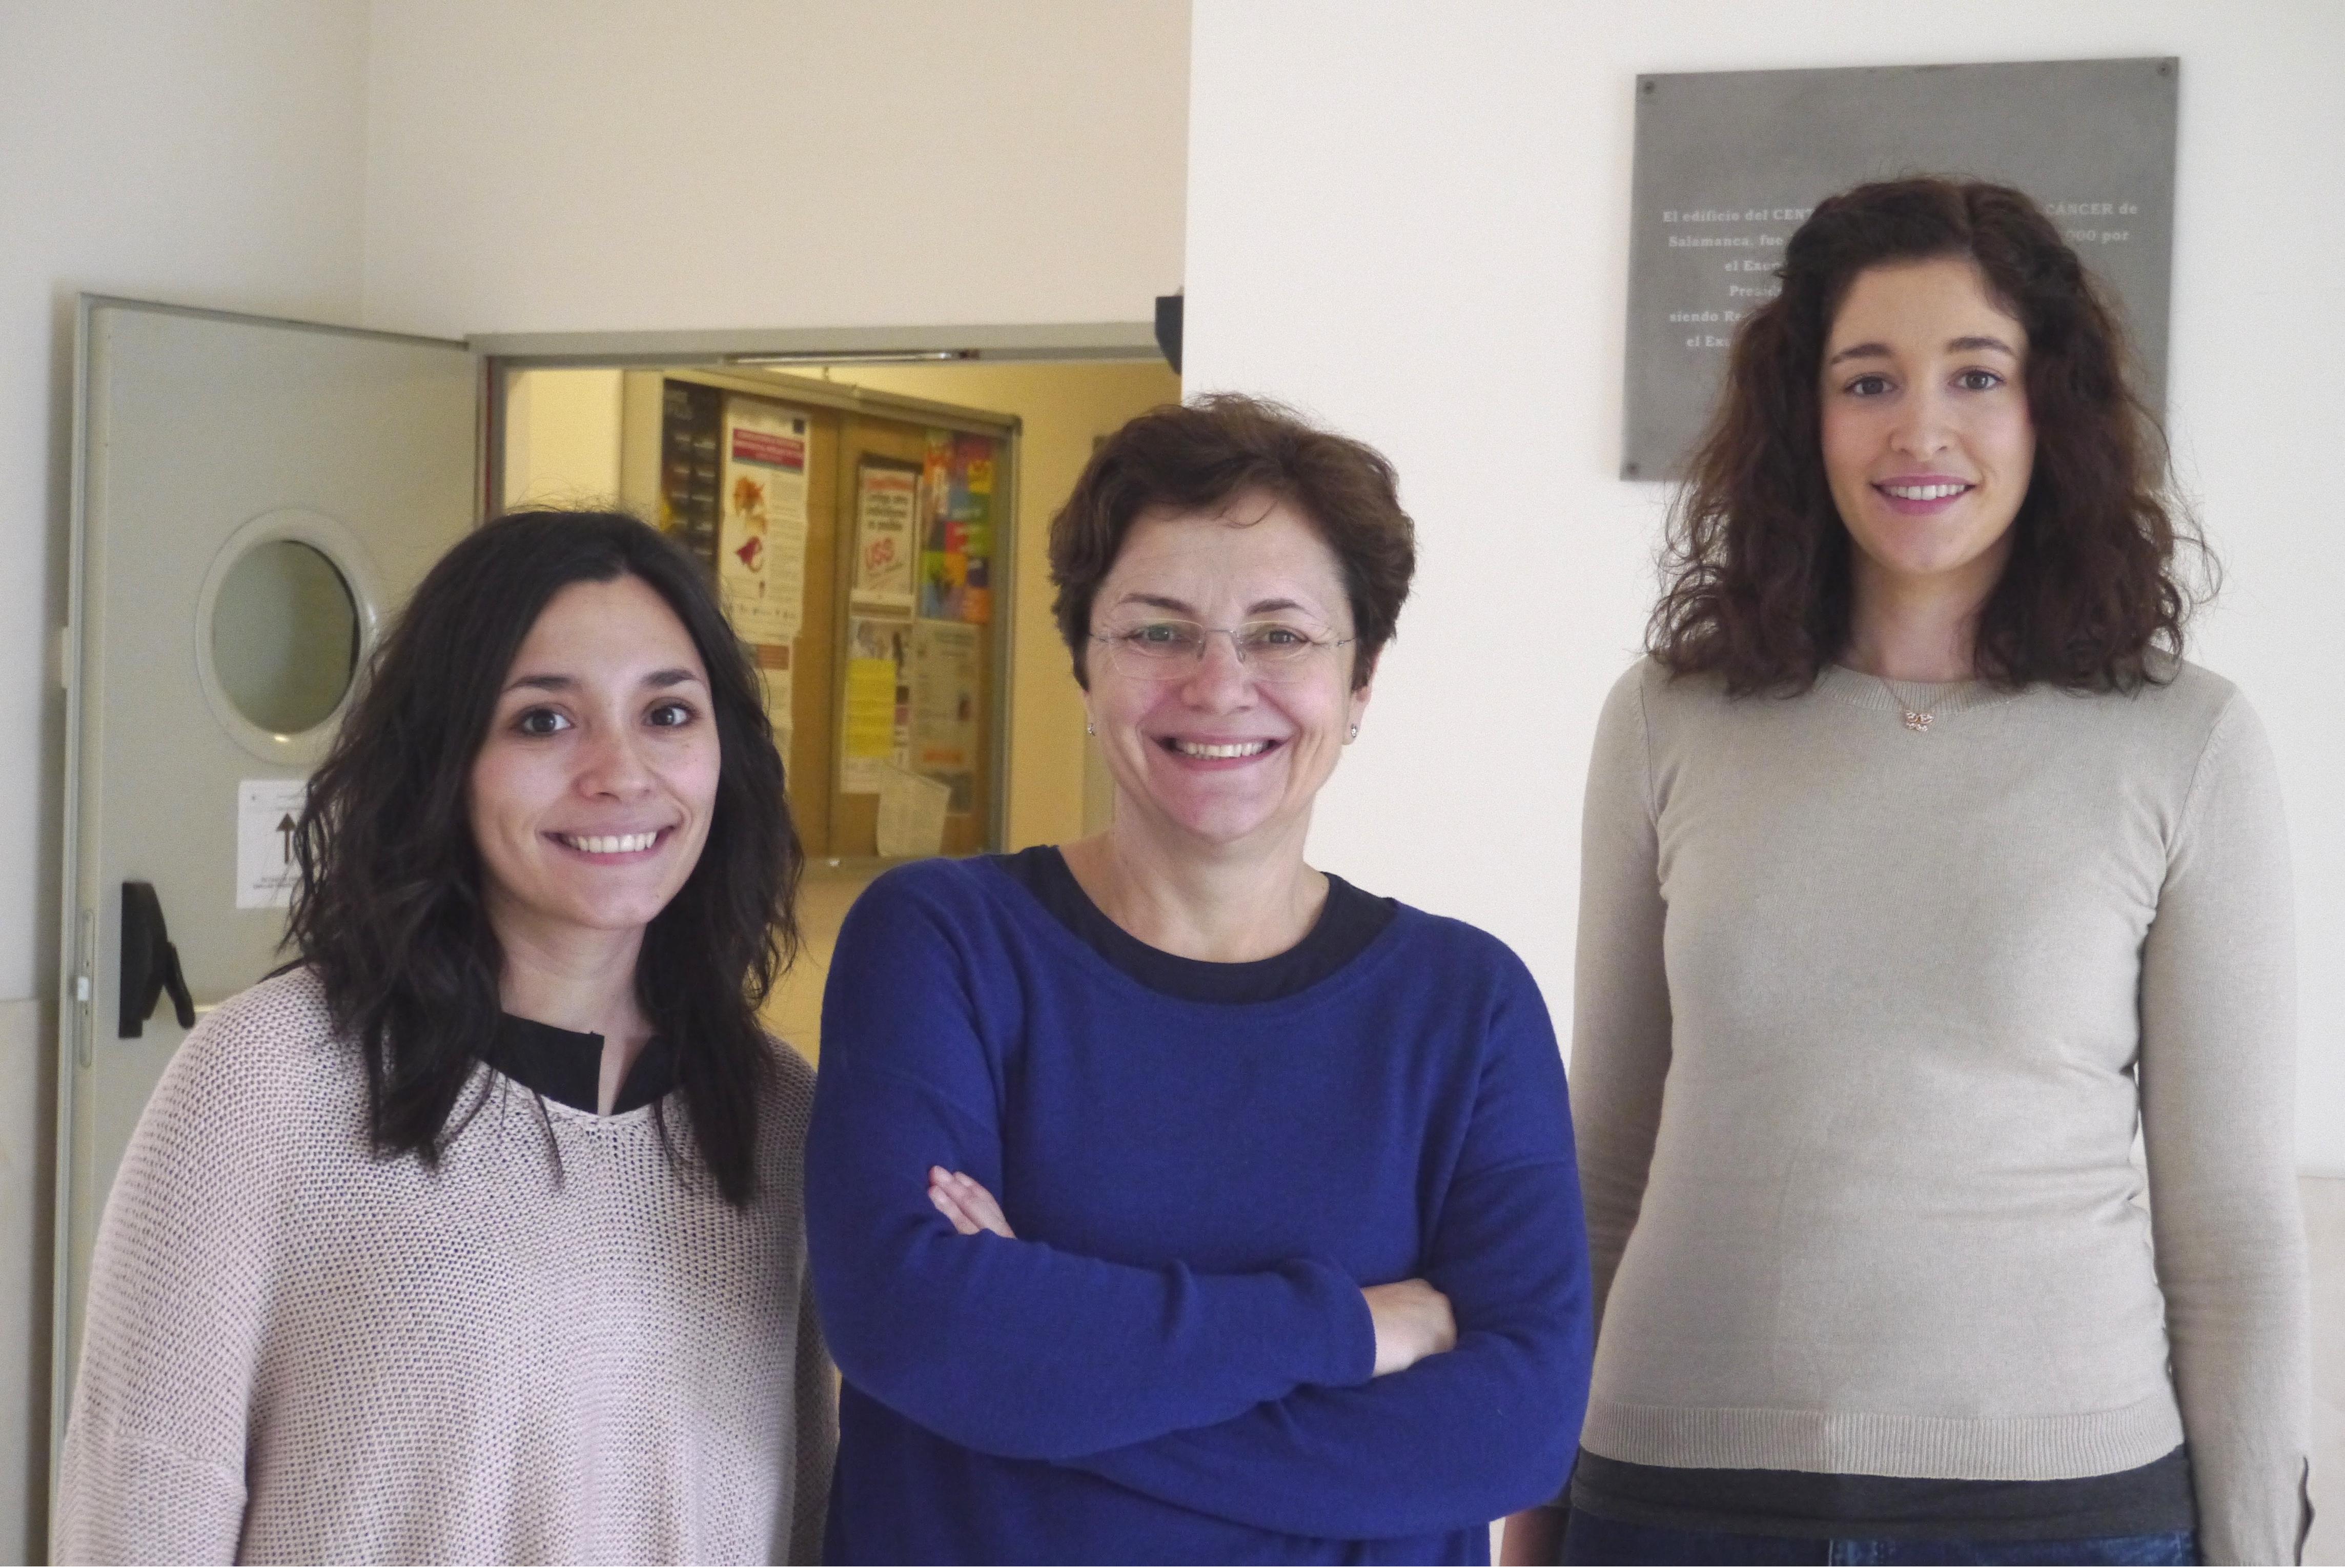 •Investigadores del Centro de Investigación del Cáncer (CIC-IBMCC) de Salamanca y del CIBER de Cáncer (CIBERONC) desarrollan un nuevo método que permite, por primera vez, el estudio exhaustivo de la síntesis de los ribosomas en células humanas